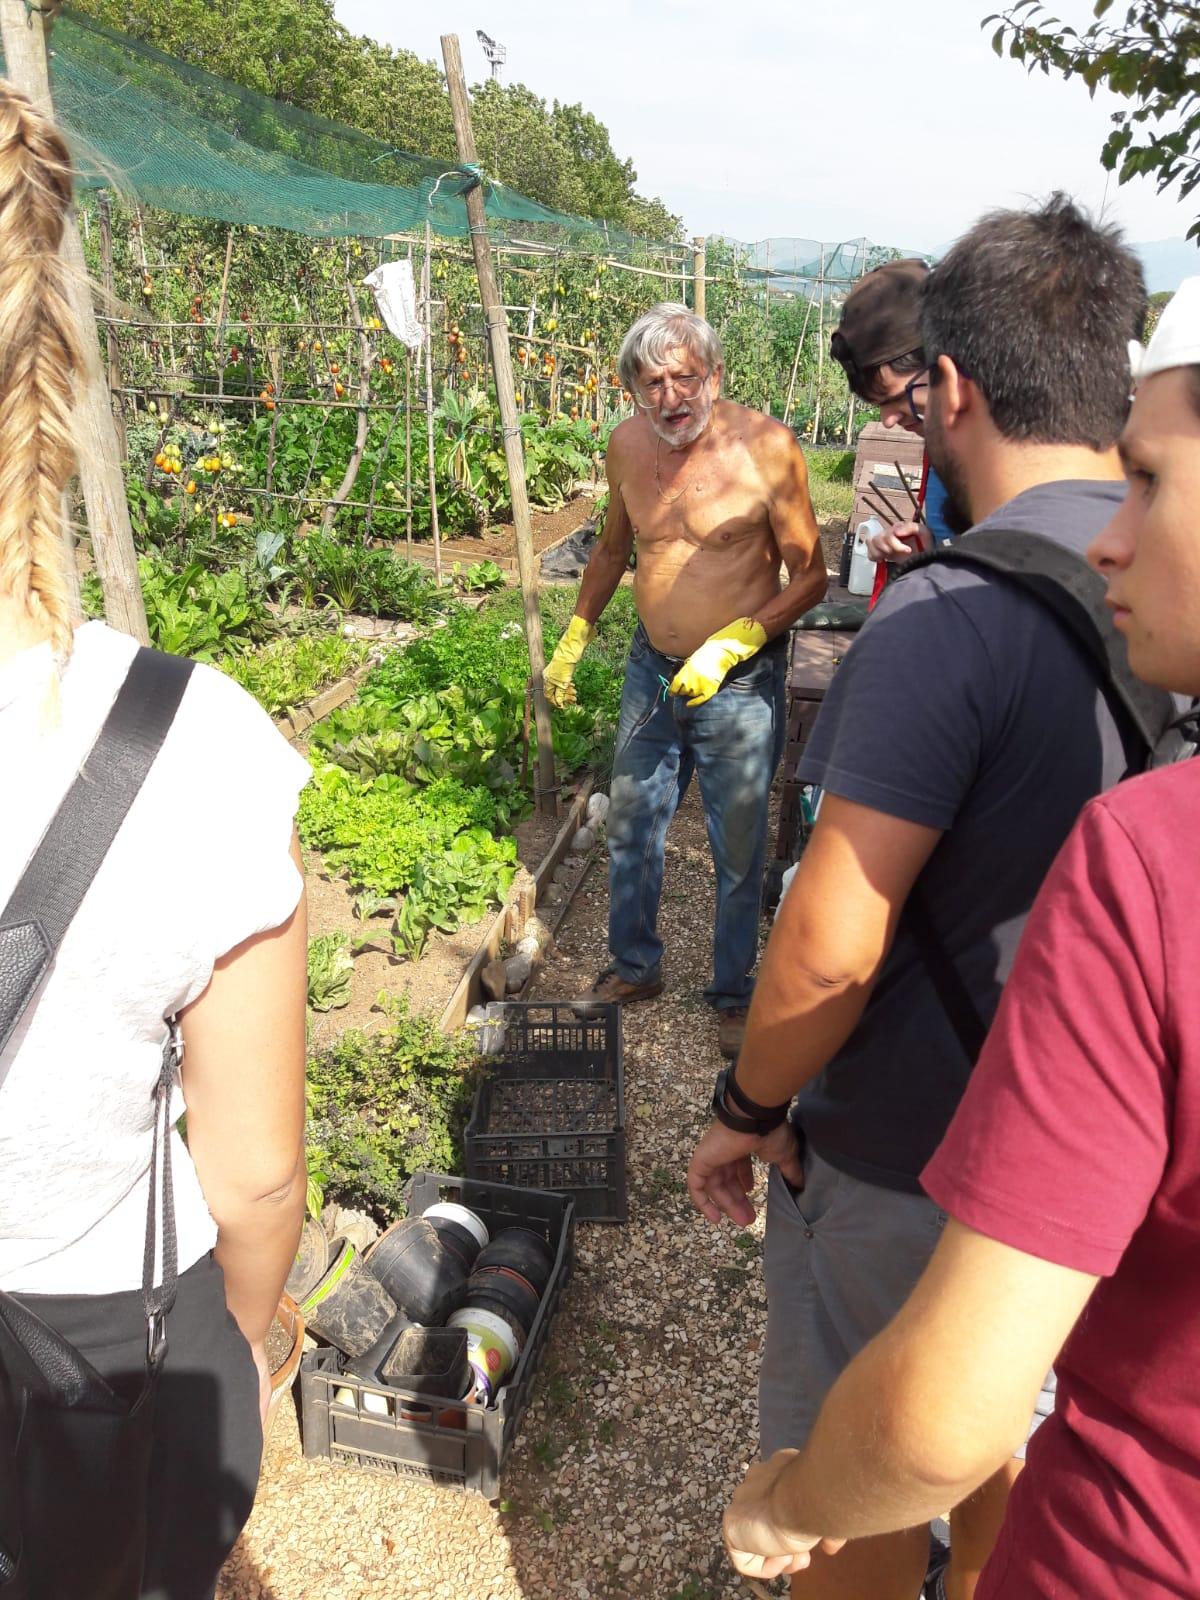 La visita all'orto urbano con il signor Renzo